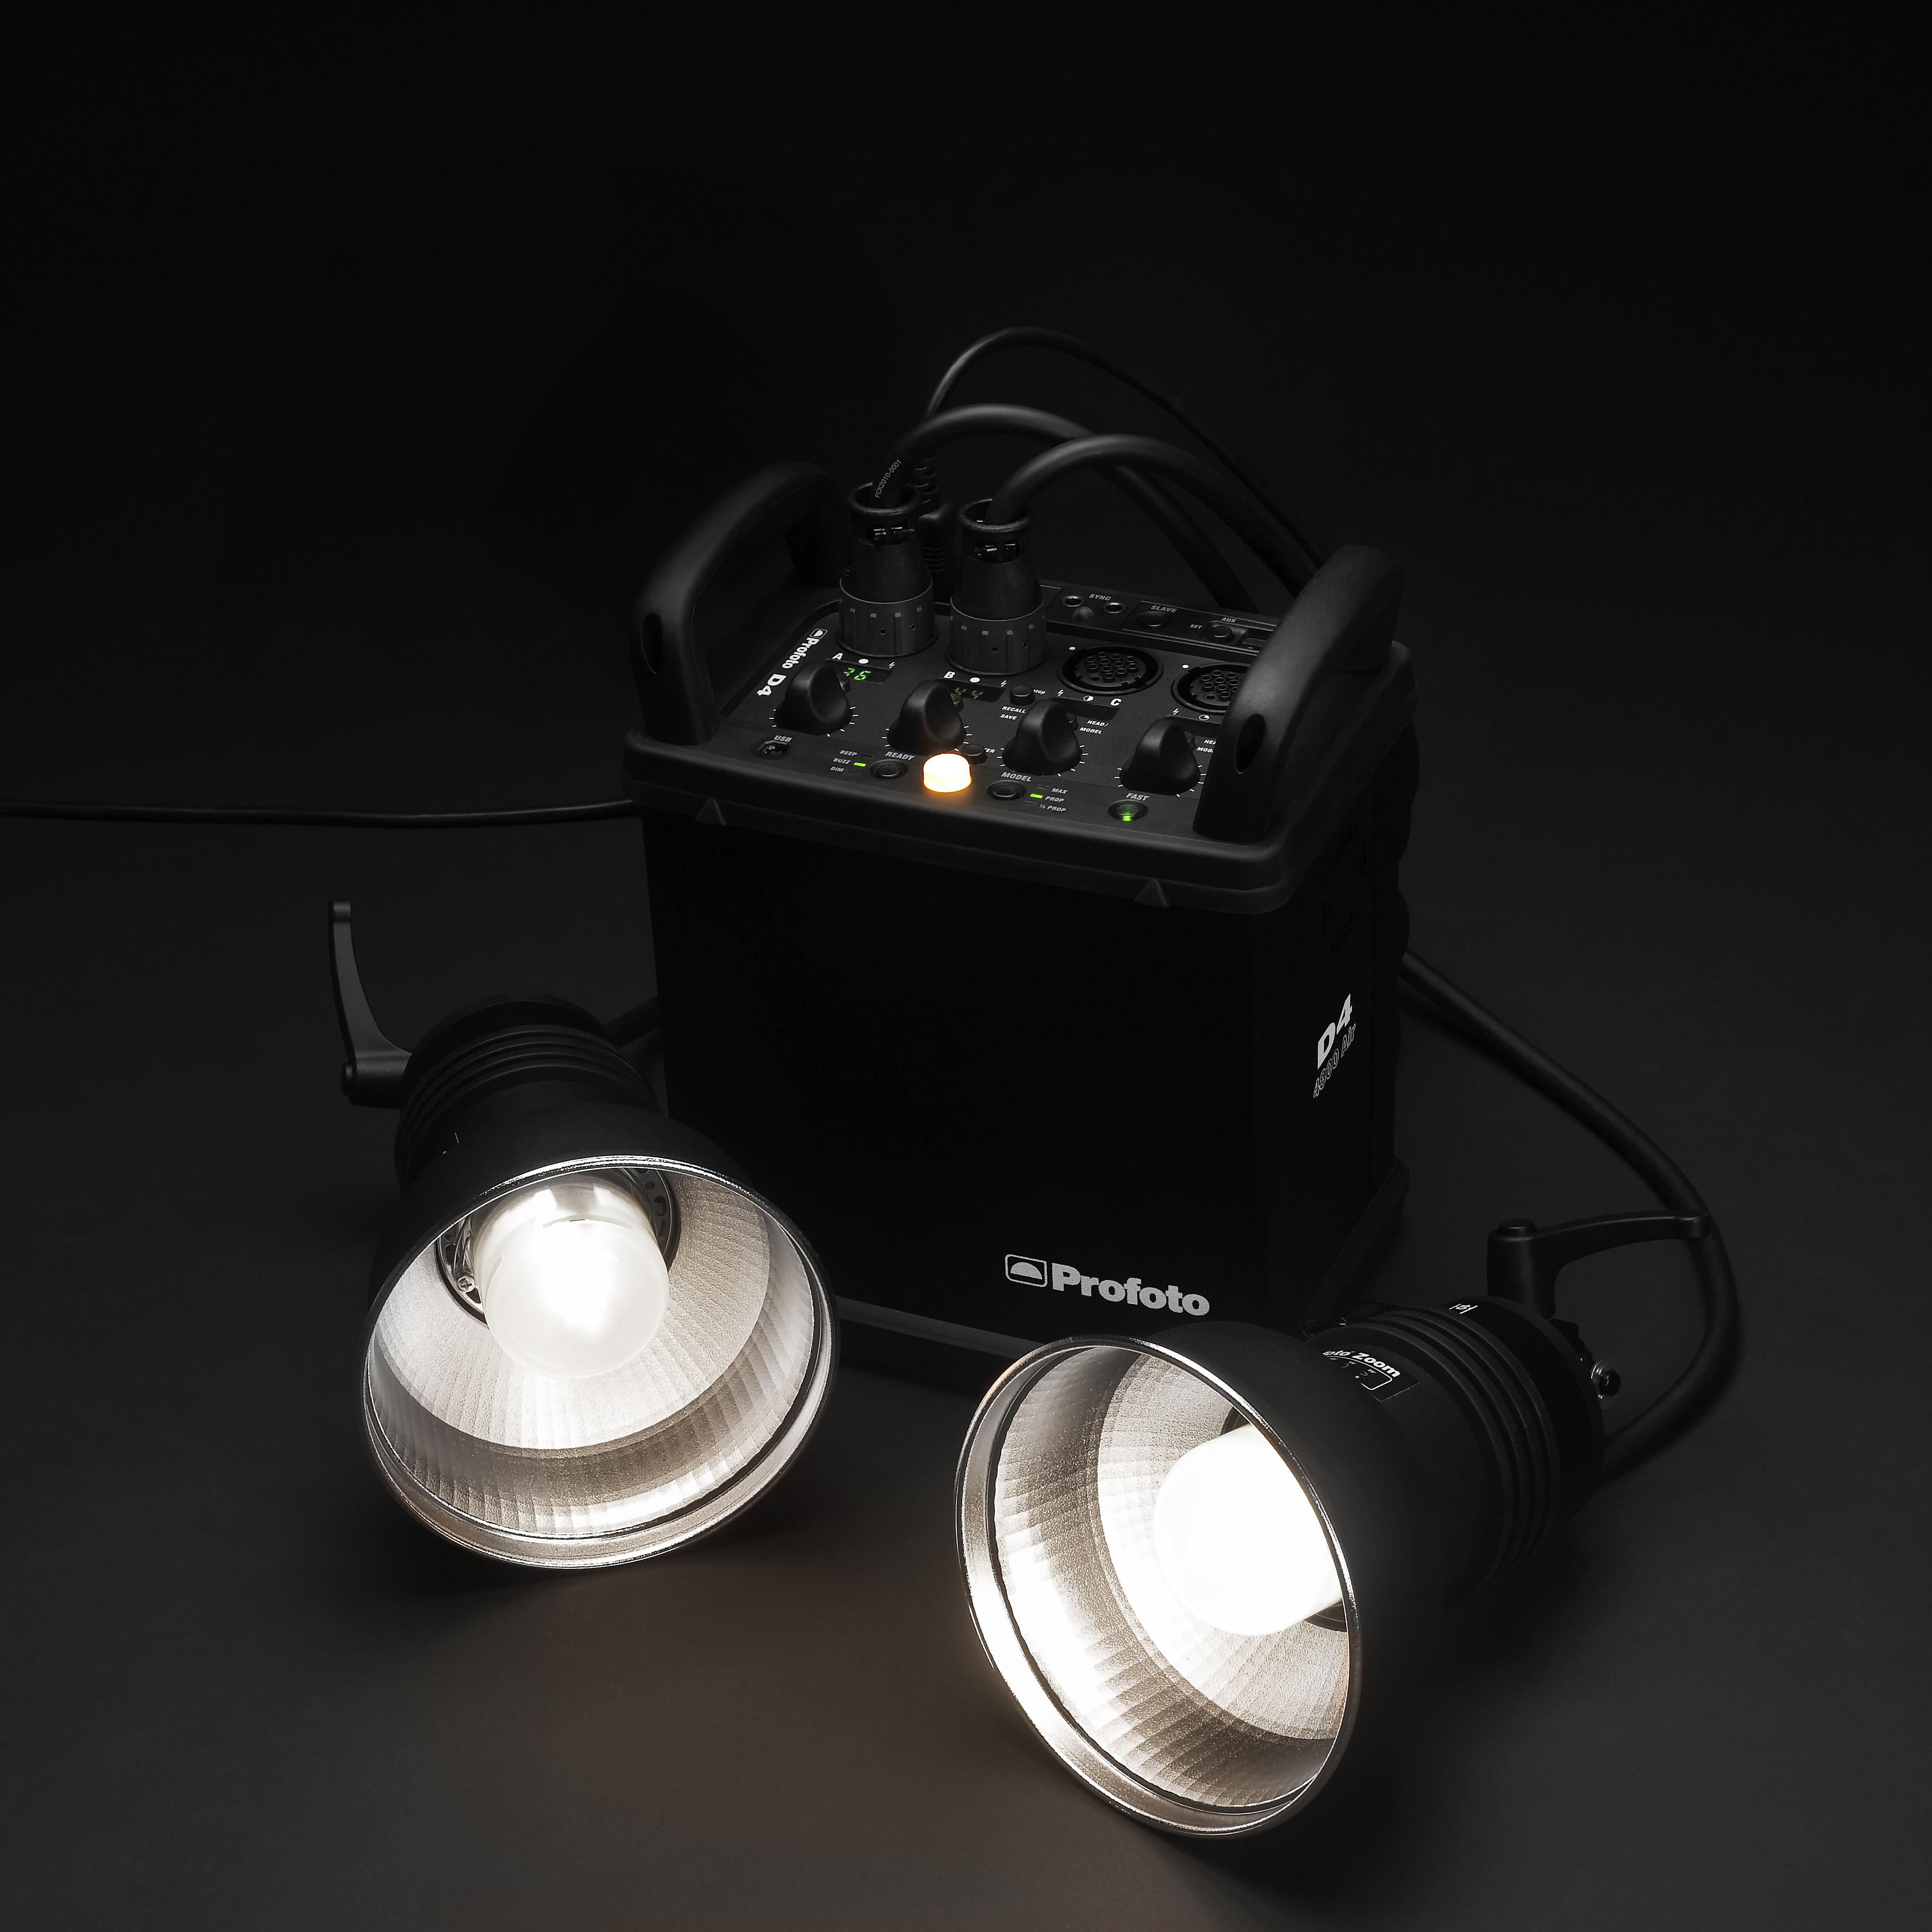 このようにジェネレータータイプは電源部(ジェネレーター)と発光部(ストロボヘッド)が分かれる。これはD4とPro Headの組み合わせ。このジェネレーターにはストロボヘッドが4灯まで差し込める。最大出力は4800Wsだ